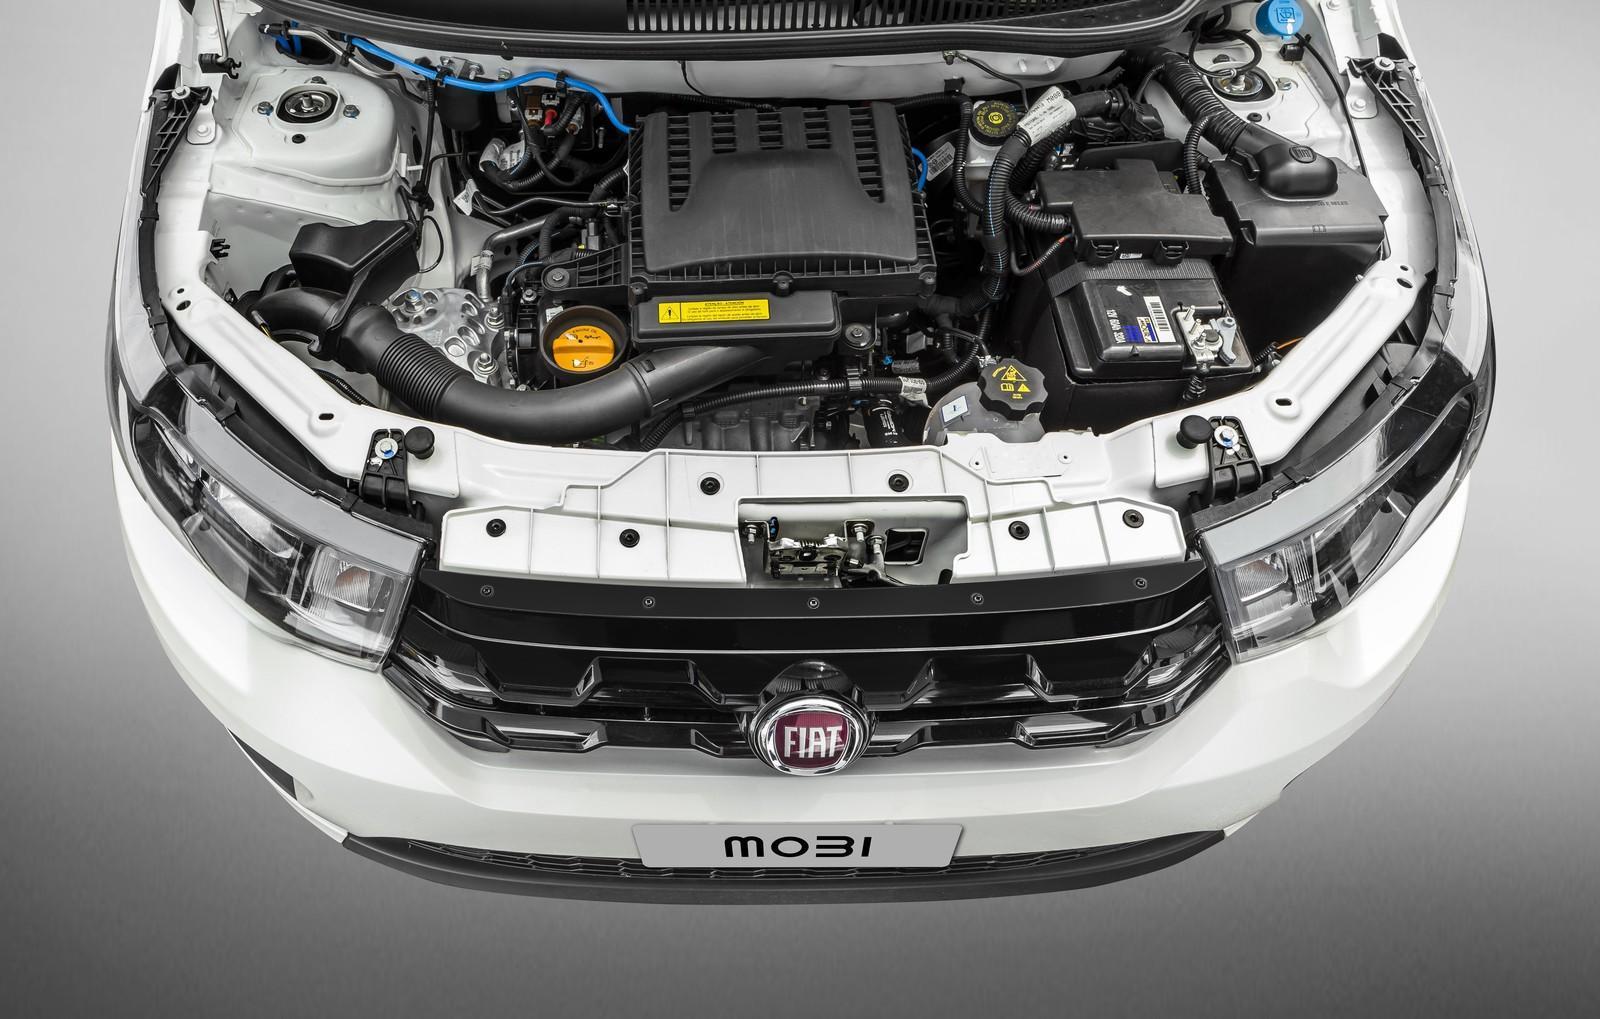 Motor do Fiat Mobi 2018